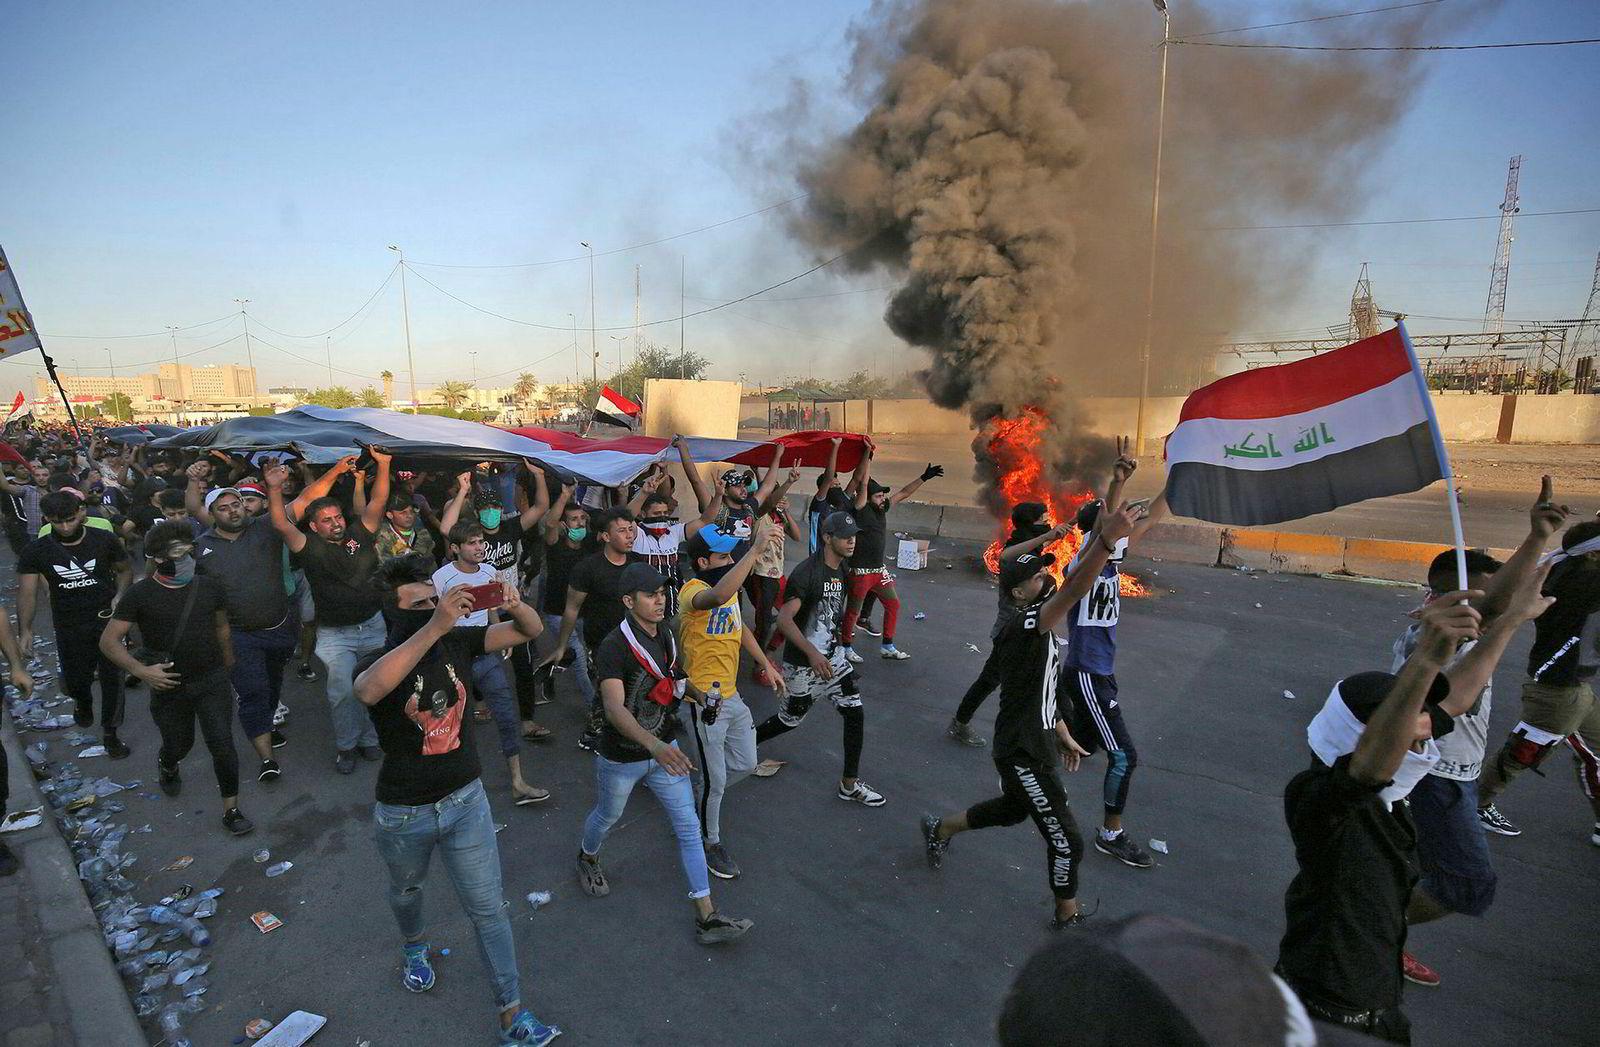 Irakiske demonstranter deltar i en demonstrasjon mot statlig korrupsjon, sviktende offentlige tjenester og arbeidsledighet, i den irakiske hovedstaden Bagdad 4. oktober. Irakiske sikkerhetsstyrker sa at «uidentifiserte snikskyttere» drepte fire mennesker under opptøyene.